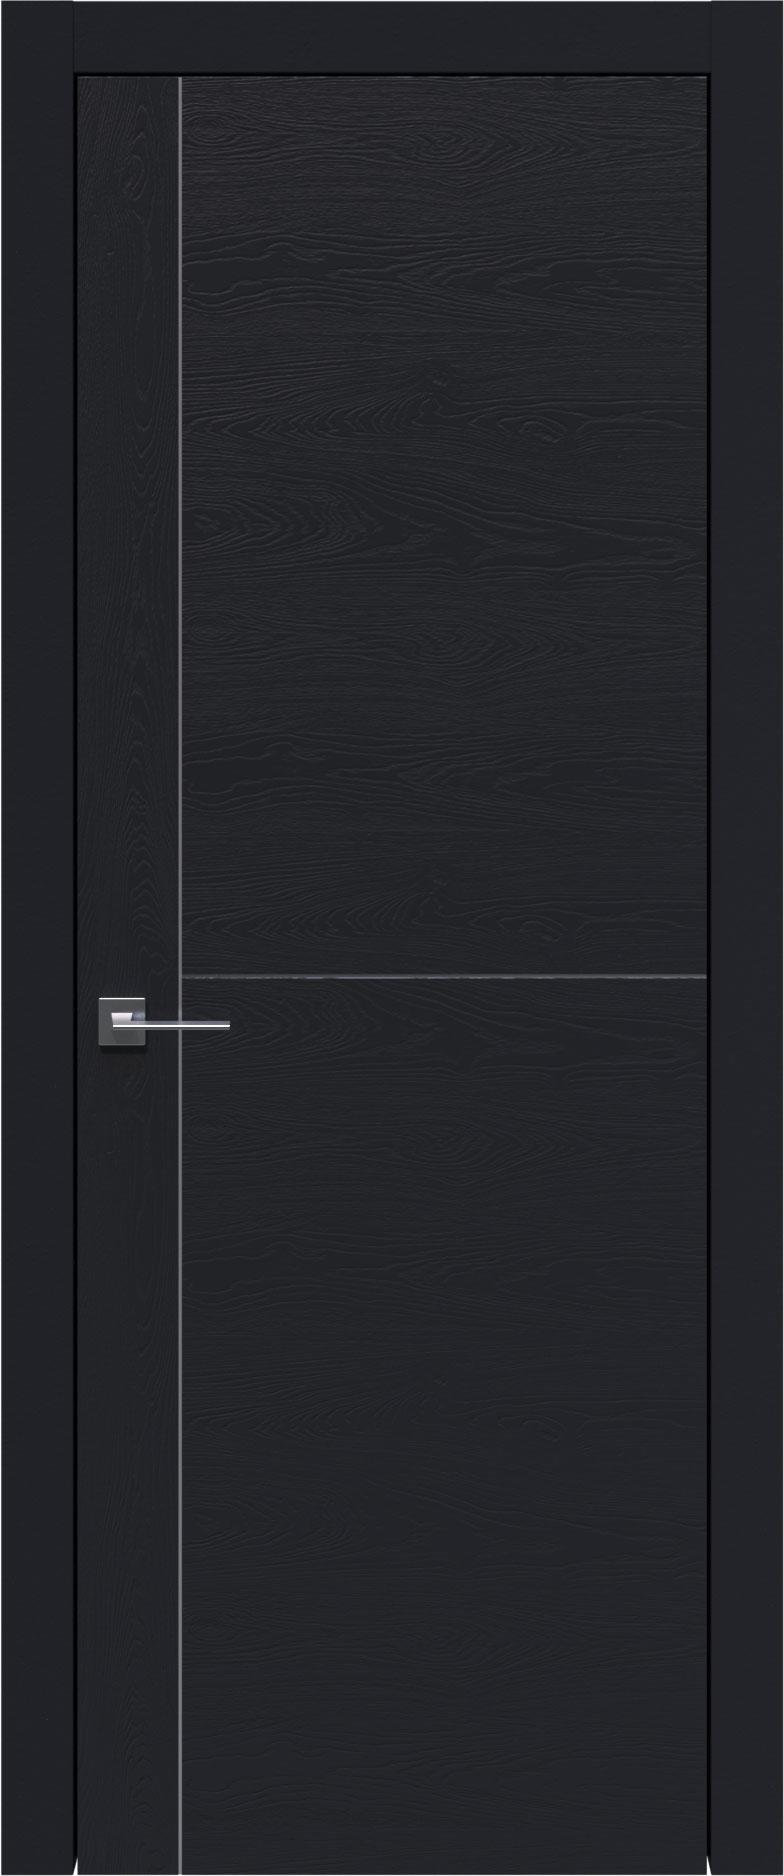 Tivoli Е-3 цвет - Черная эмаль по шпону (RAL 9004) Без стекла (ДГ)